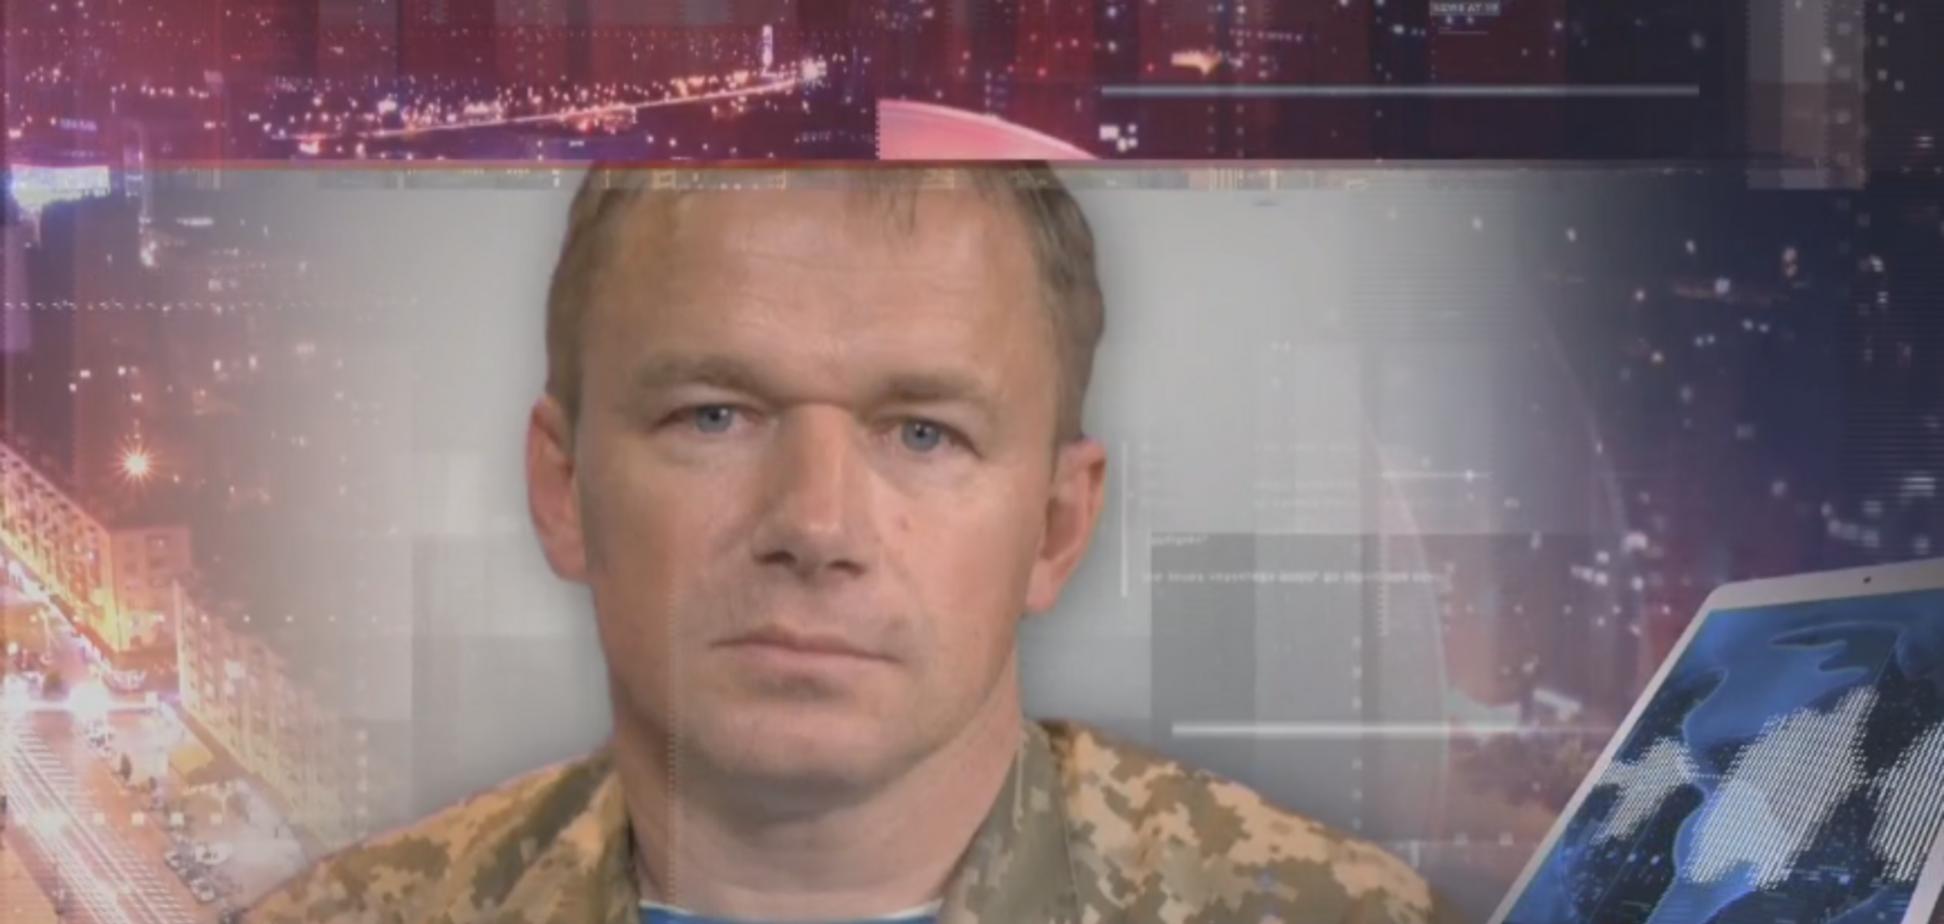 'Полювання на призовників': розшук людей, які ухиляються від військової служби, покладається на МВС - полковник ЗСУ